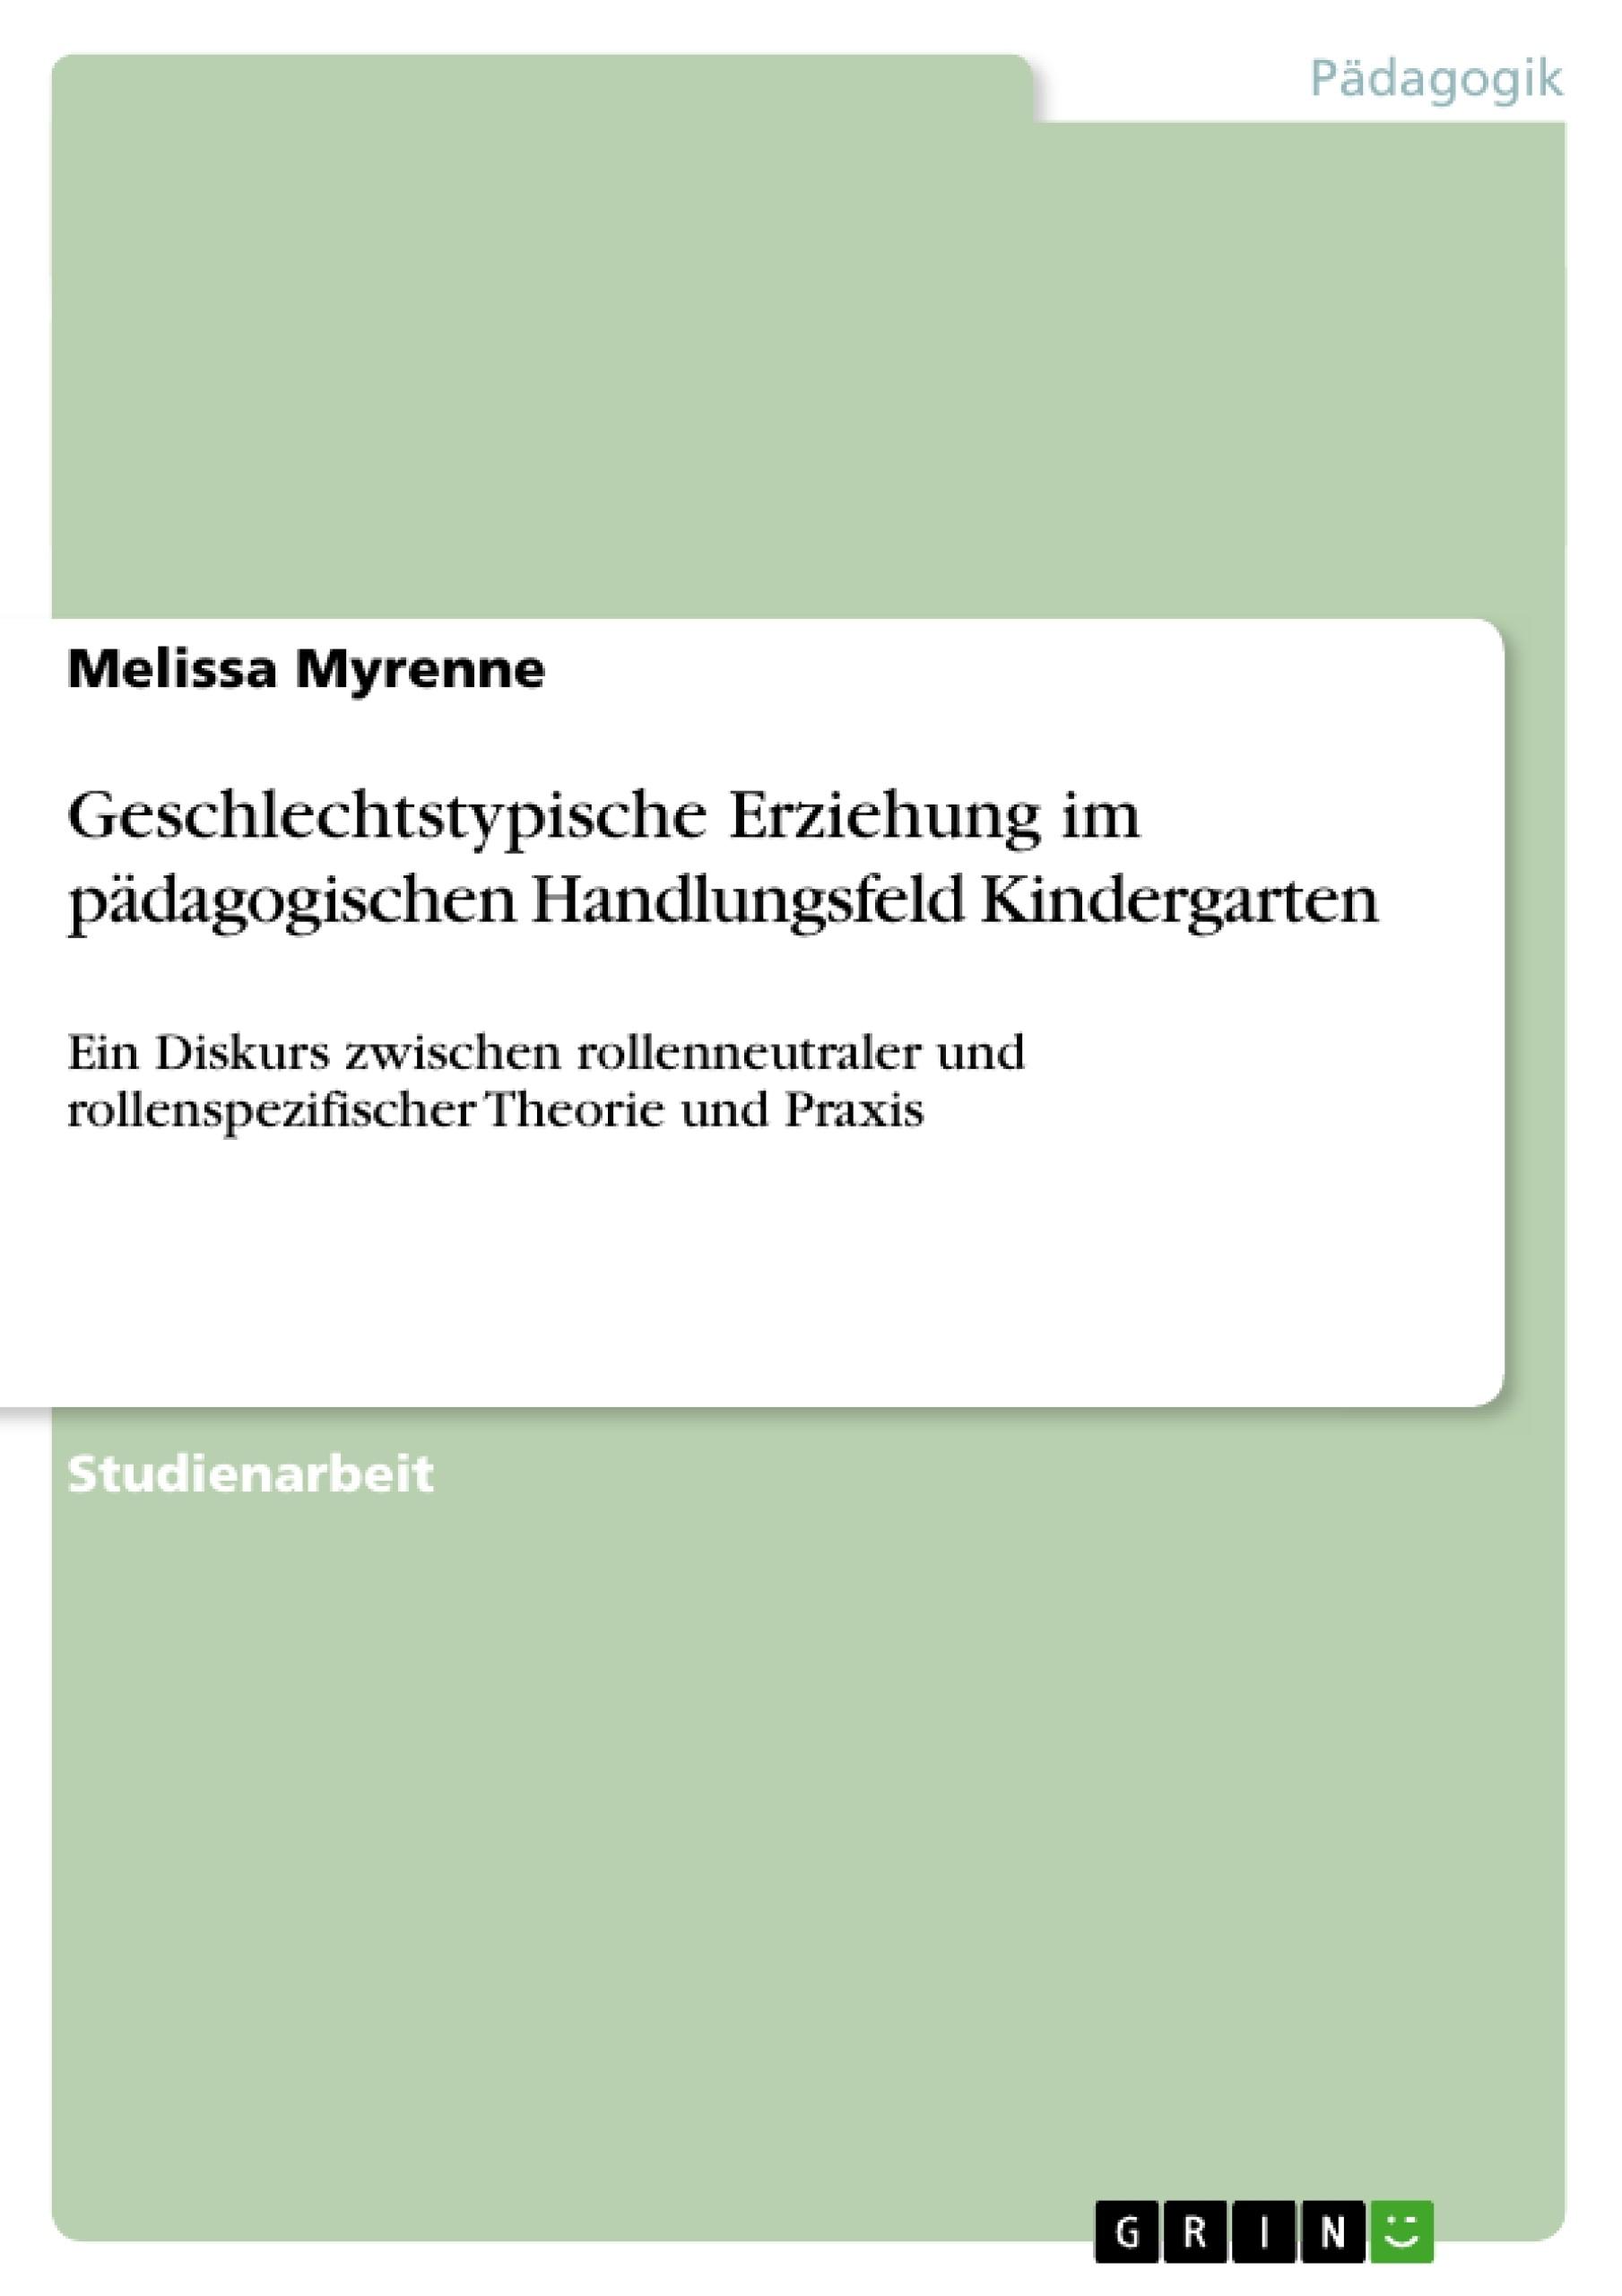 Titel: Geschlechtstypische Erziehung im pädagogischen Handlungsfeld Kindergarten